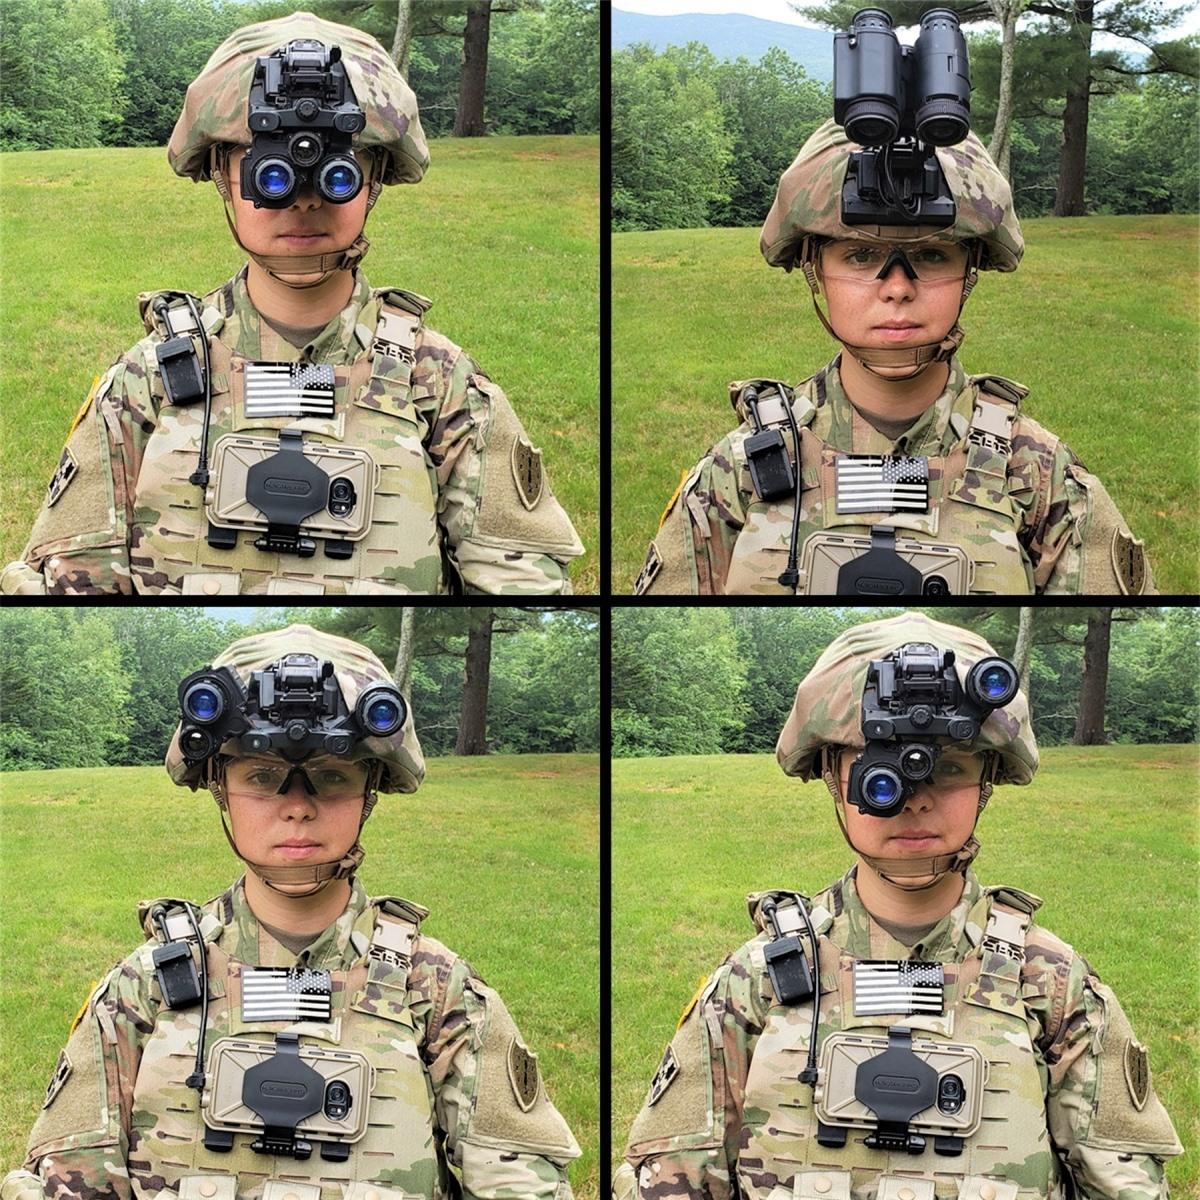 ENVG-B nhẹ và tiện lợi trong sử dụng; Nguồn: asc.army.mil